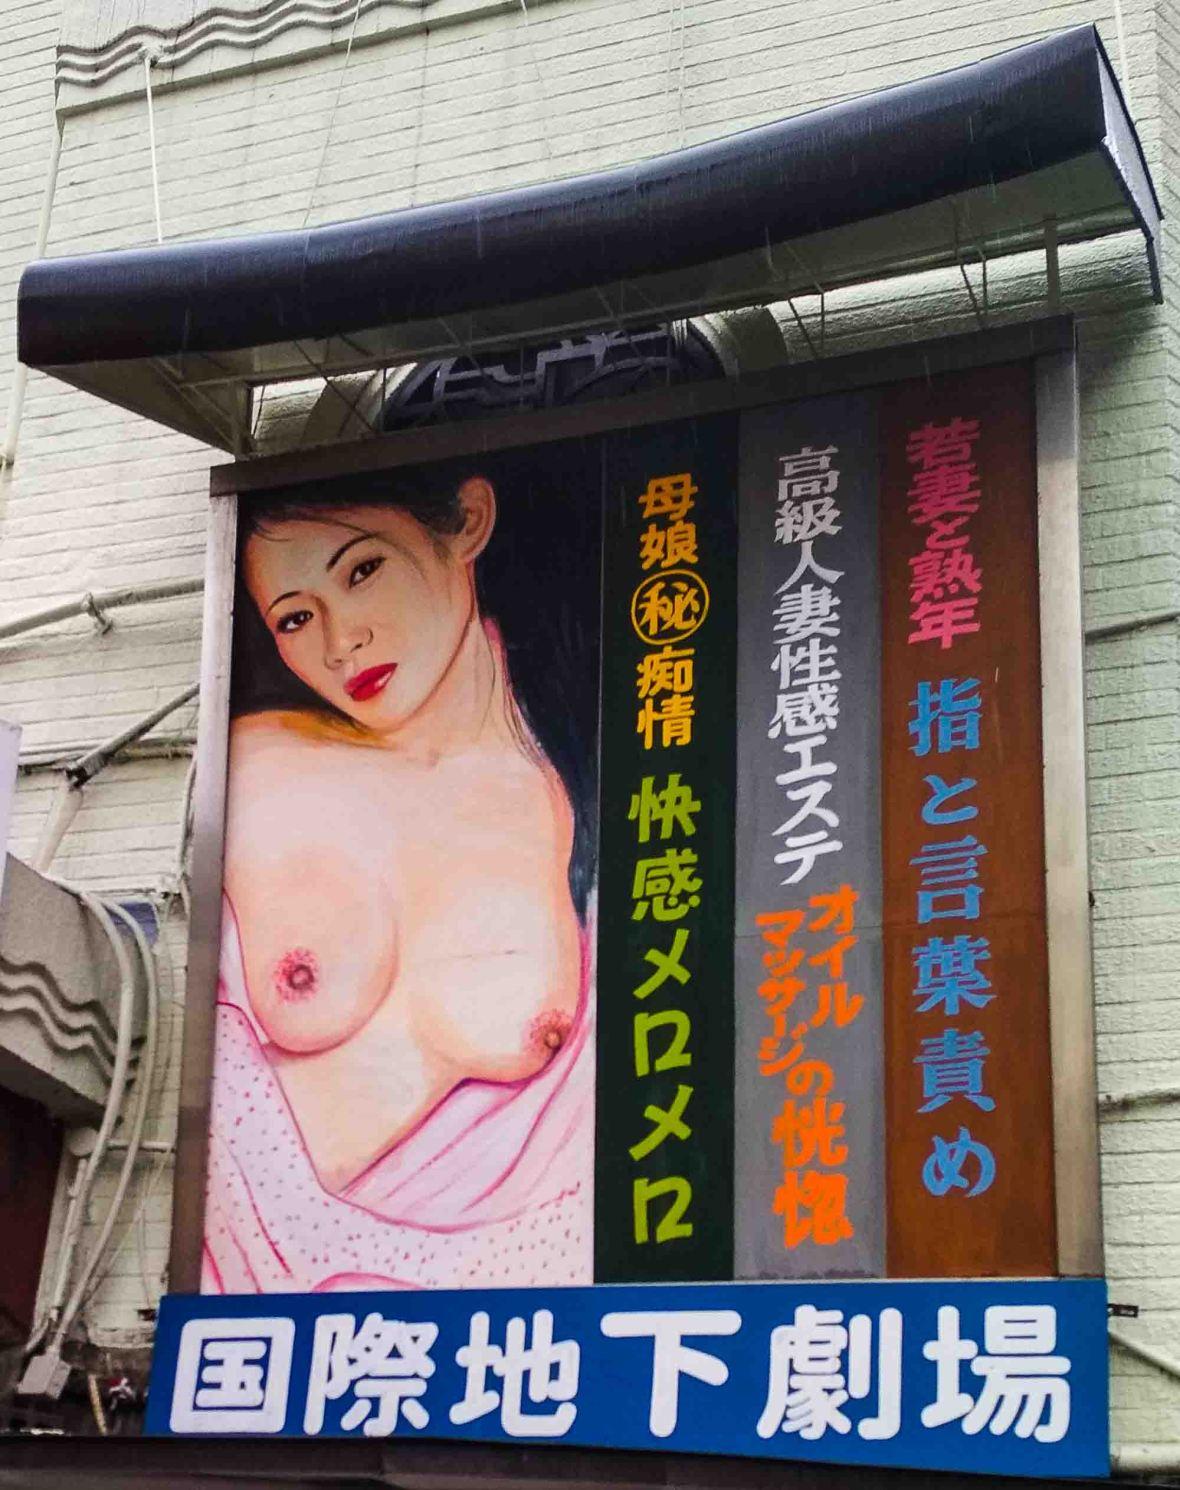 laurent ibanez derrierre la colline le cinema pour adulte du Shin sekai affiche 6